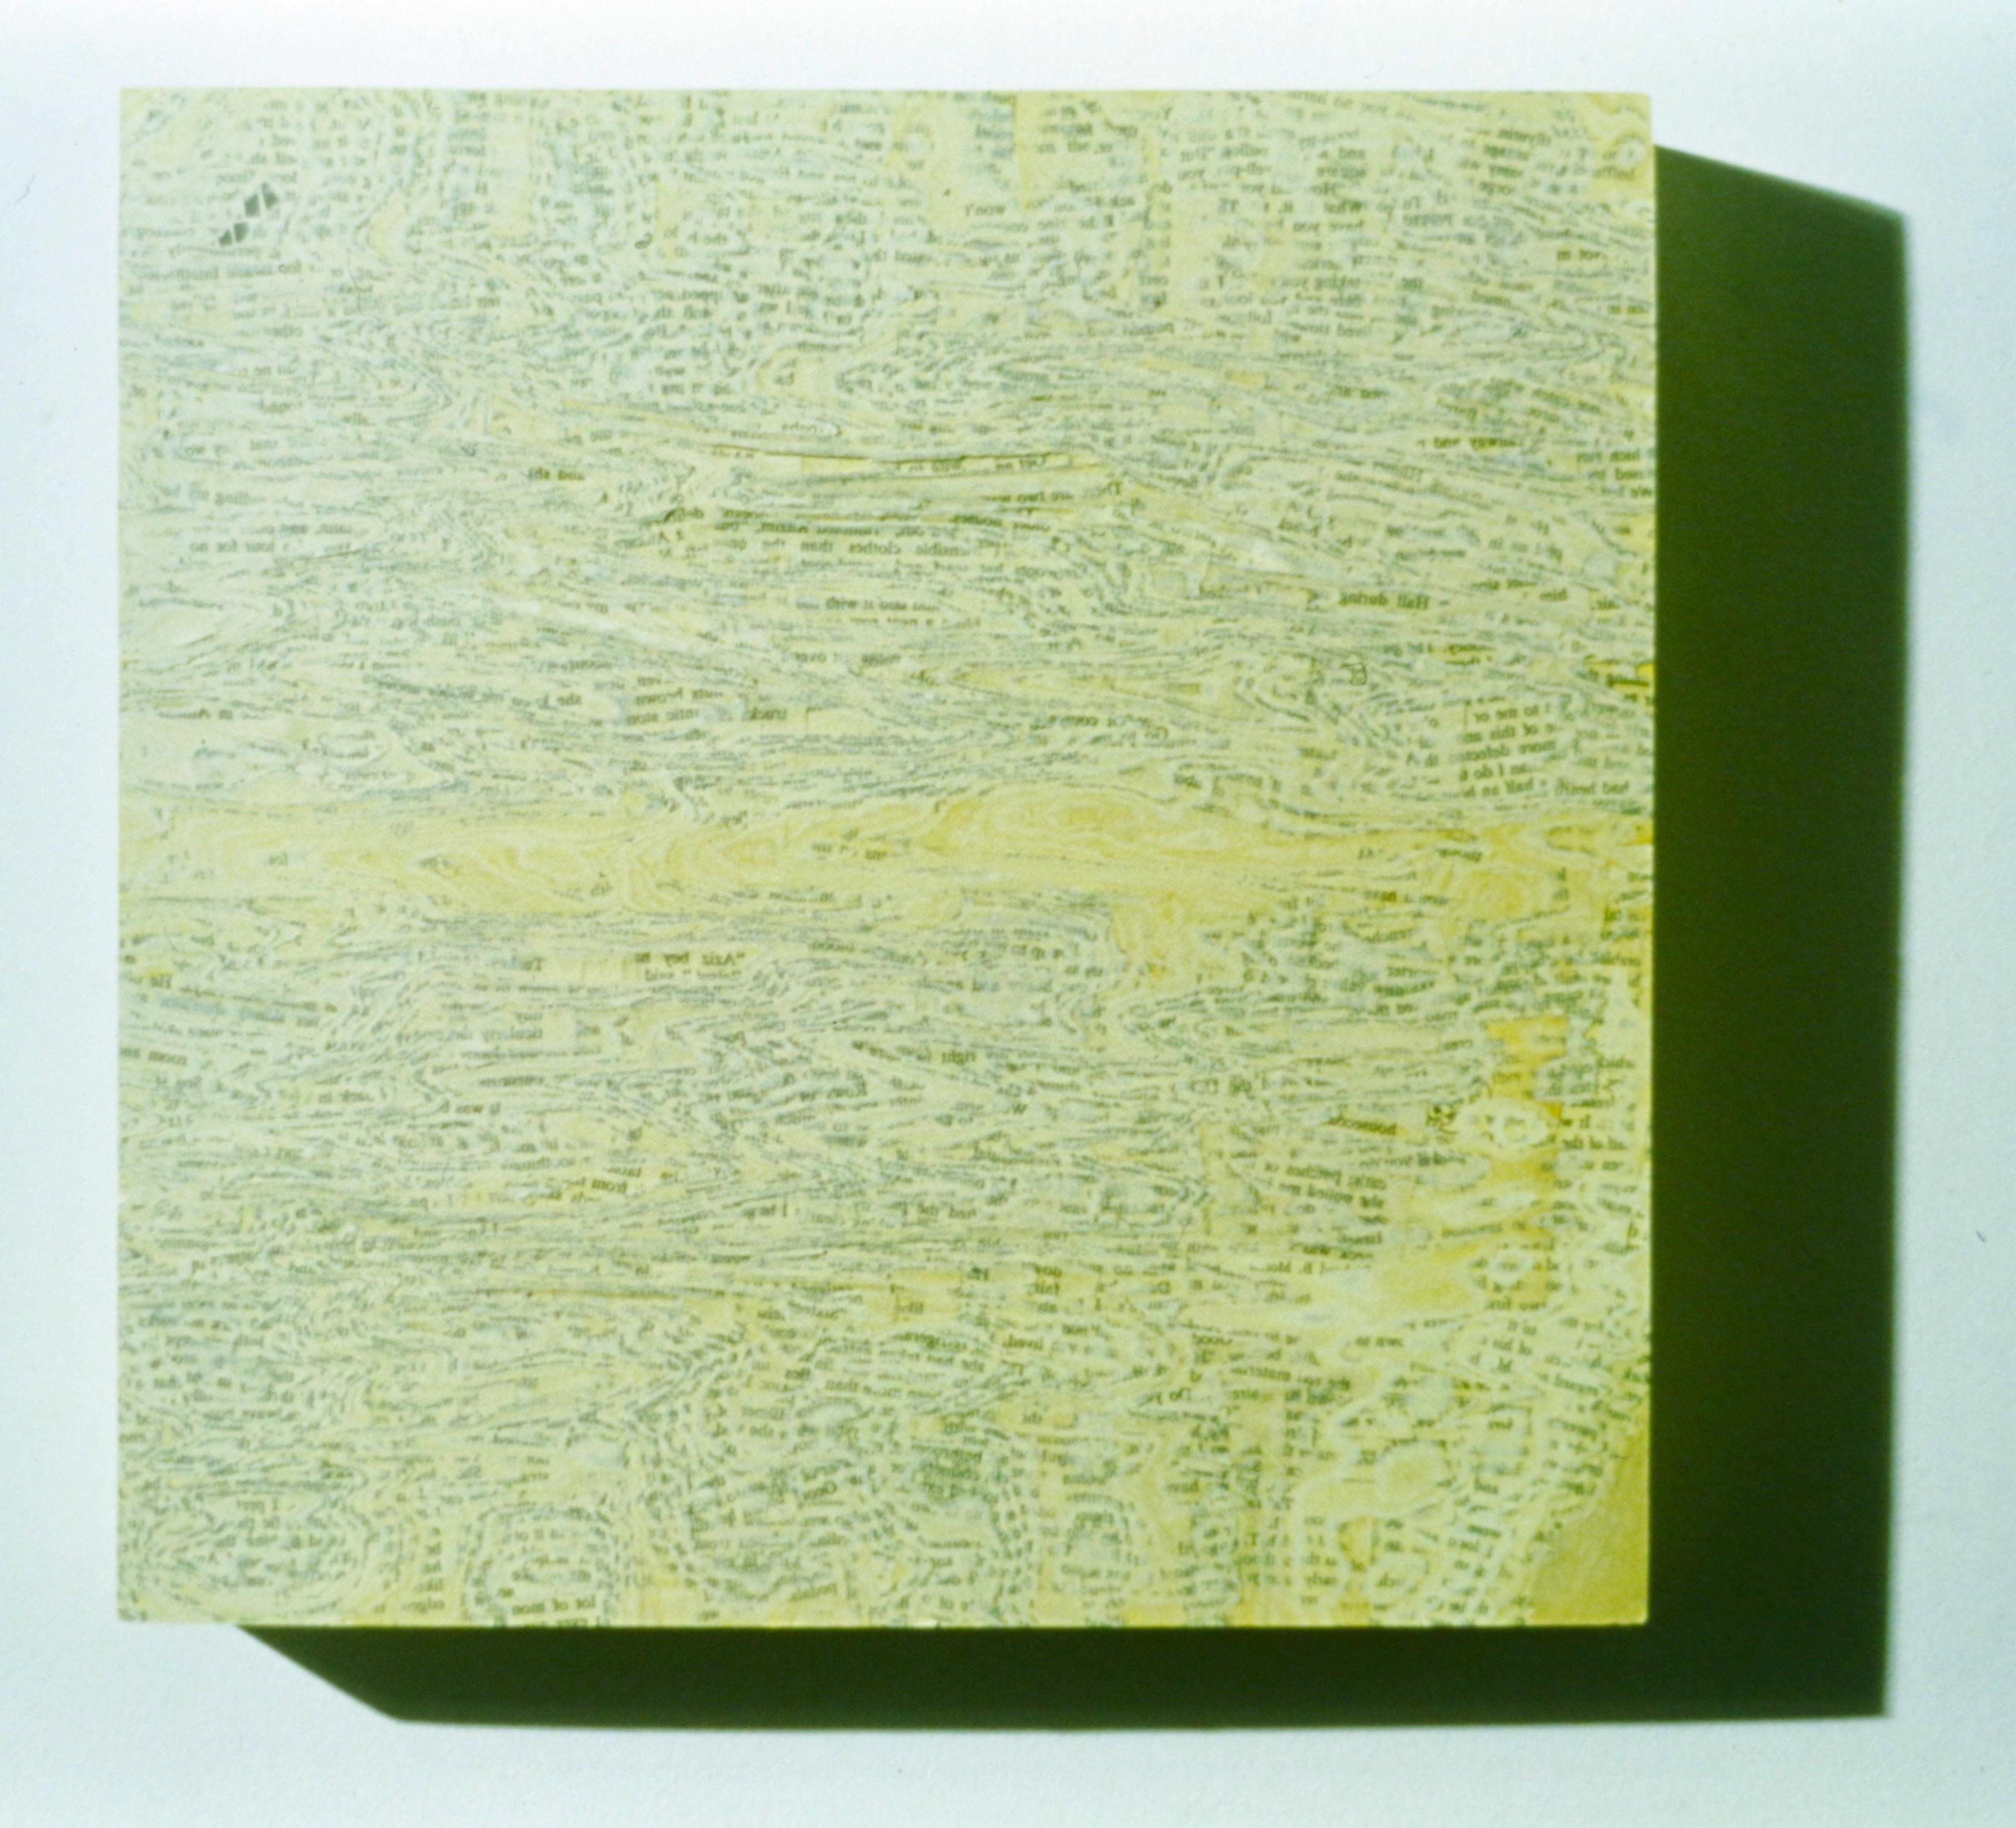 """biofiction: two novels on wood (1996) 12"""" x 12"""" x 2.5"""""""